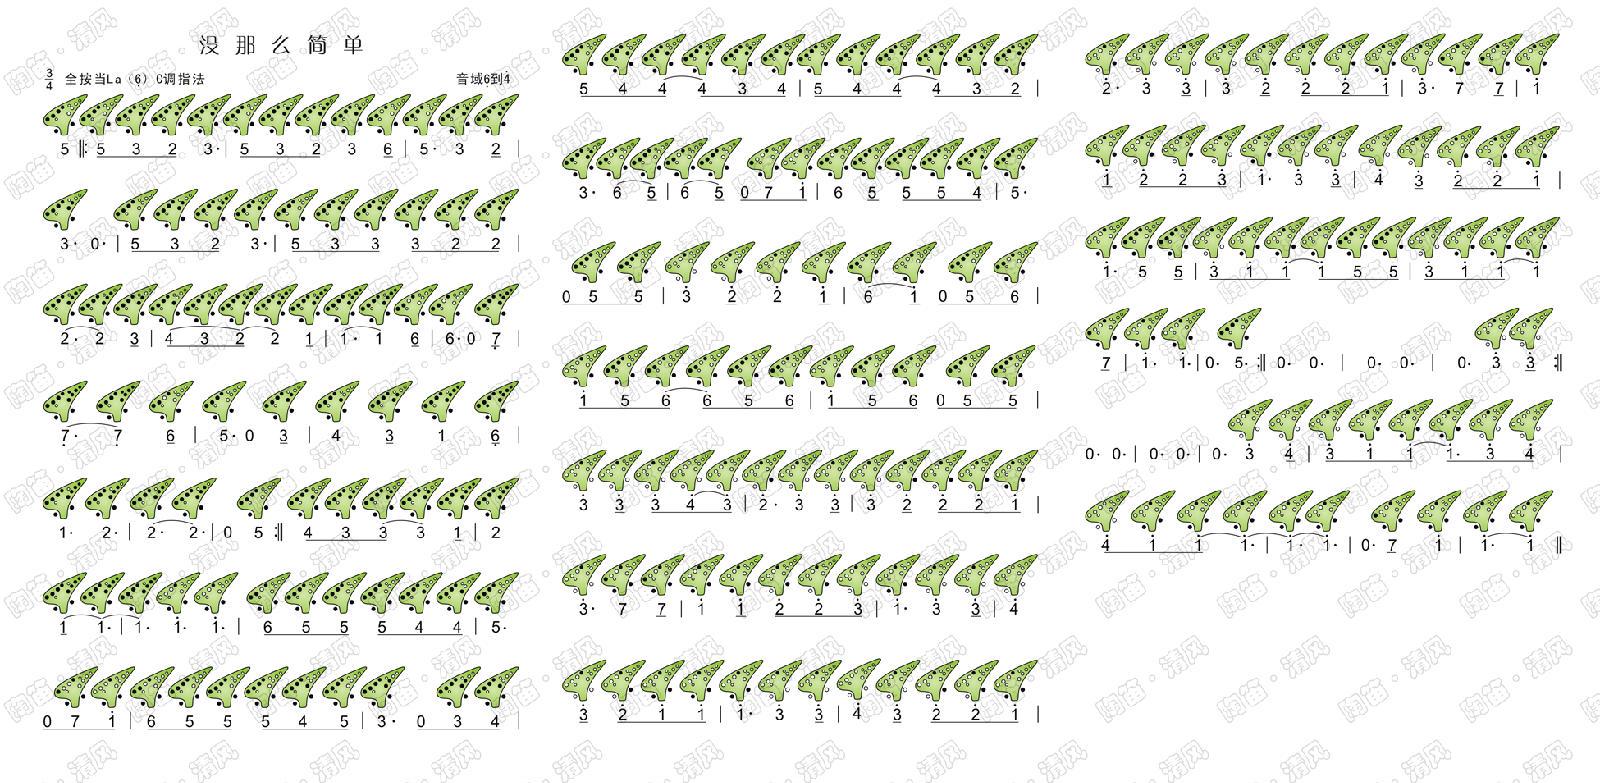 陶笛6孔曲谱 陶笛曲谱天空之城 陶笛12孔曲谱 高清图片